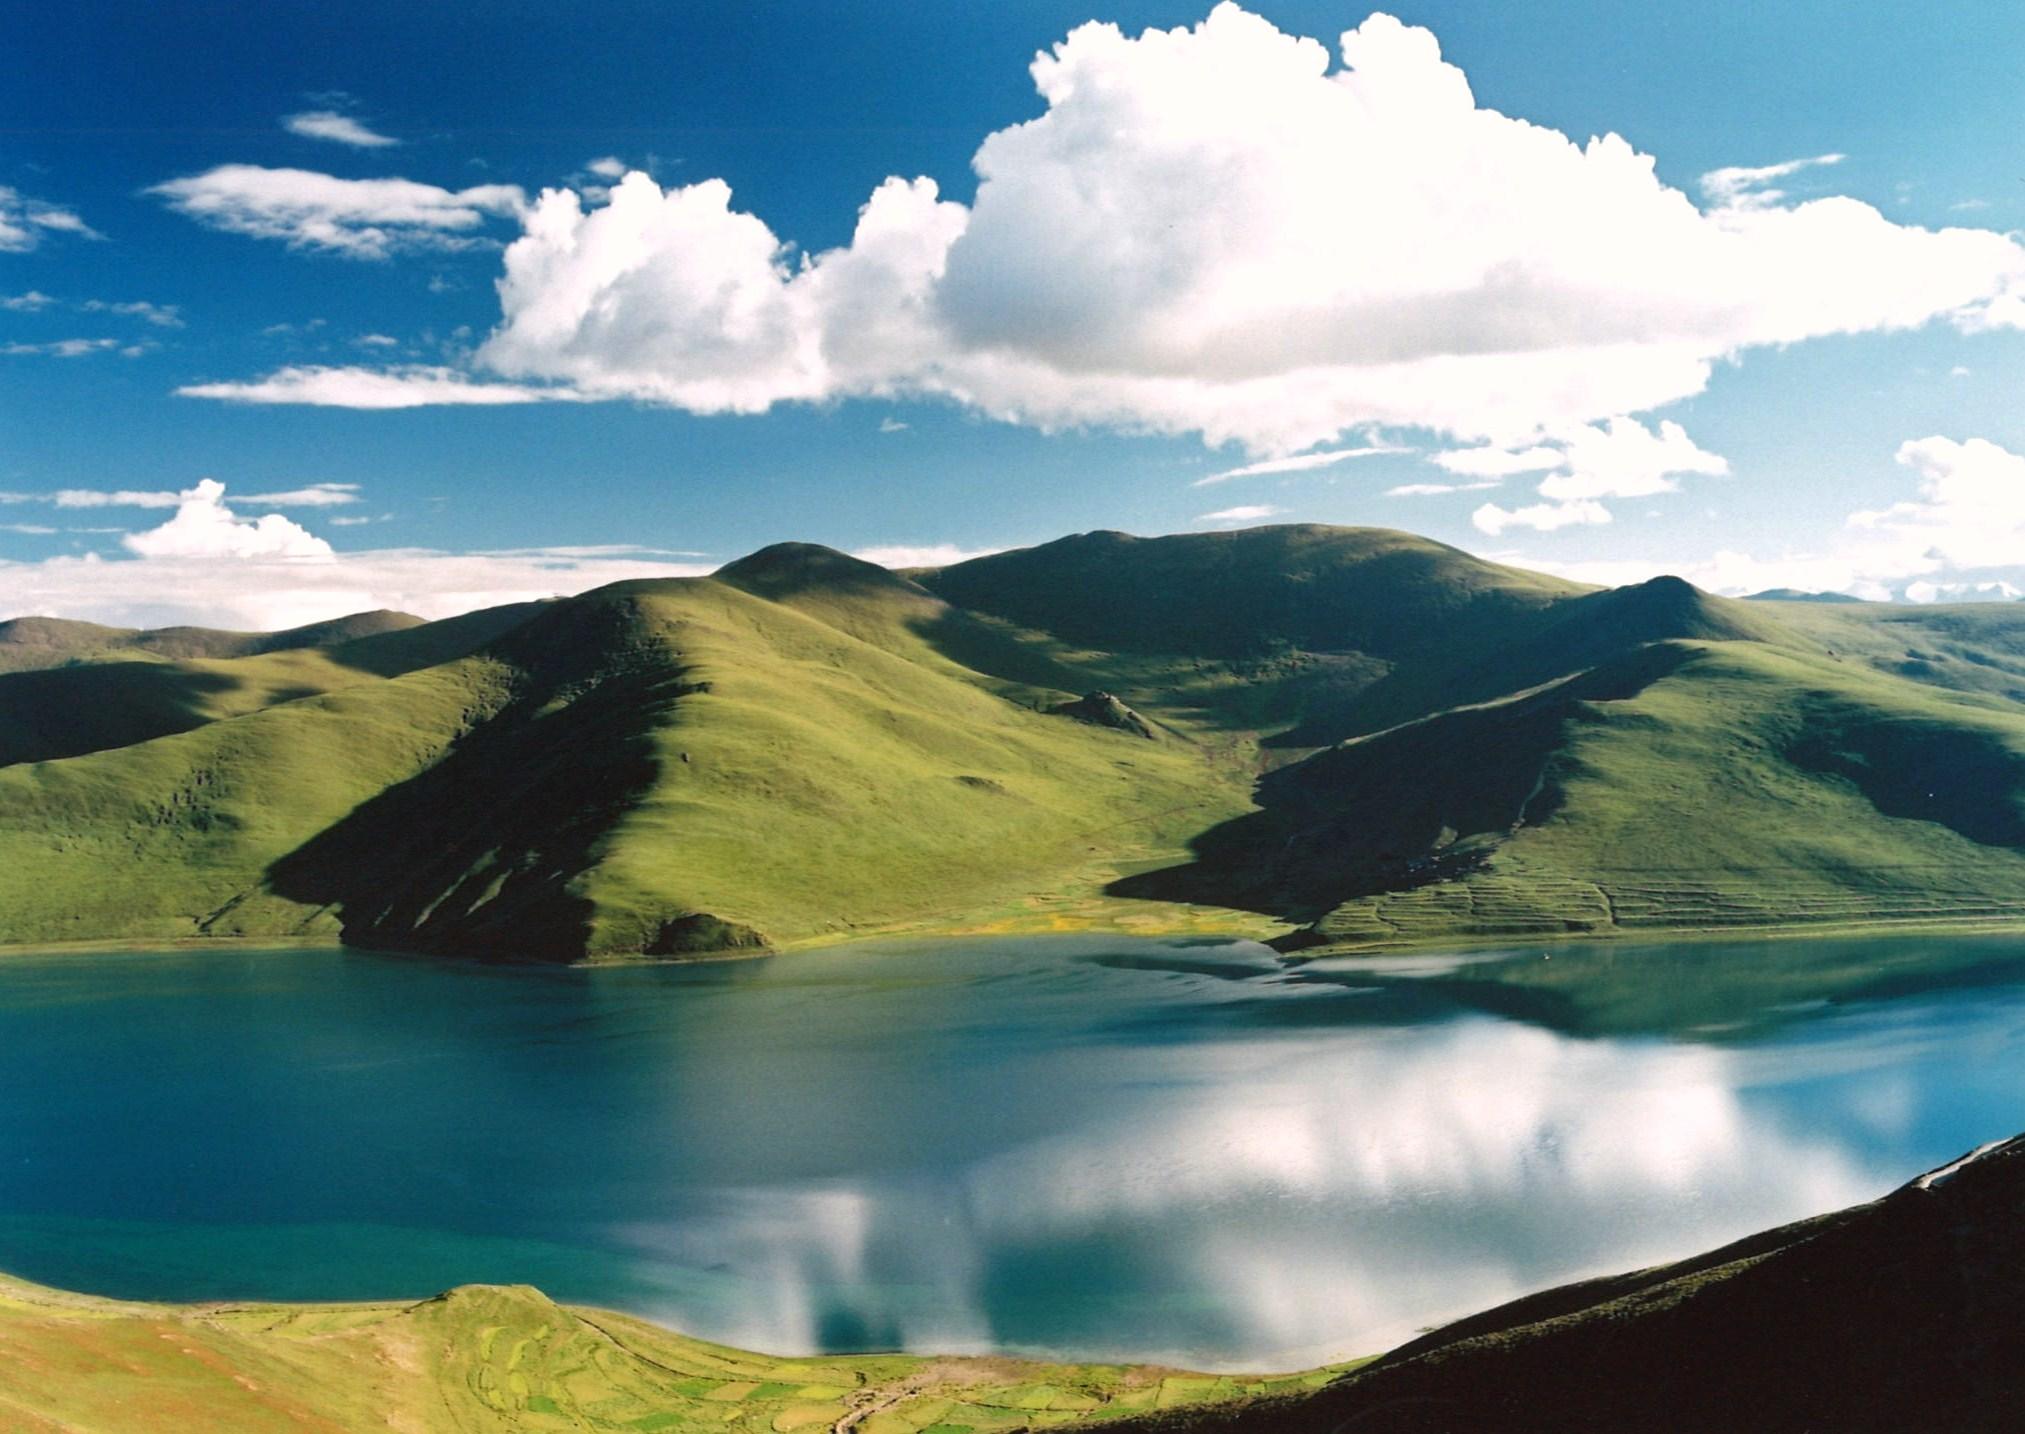 チベット-ヤムドク湖 チベット-ヤムドク湖 中国の世界遺産・名所 チベット自治区フォトライブラリ